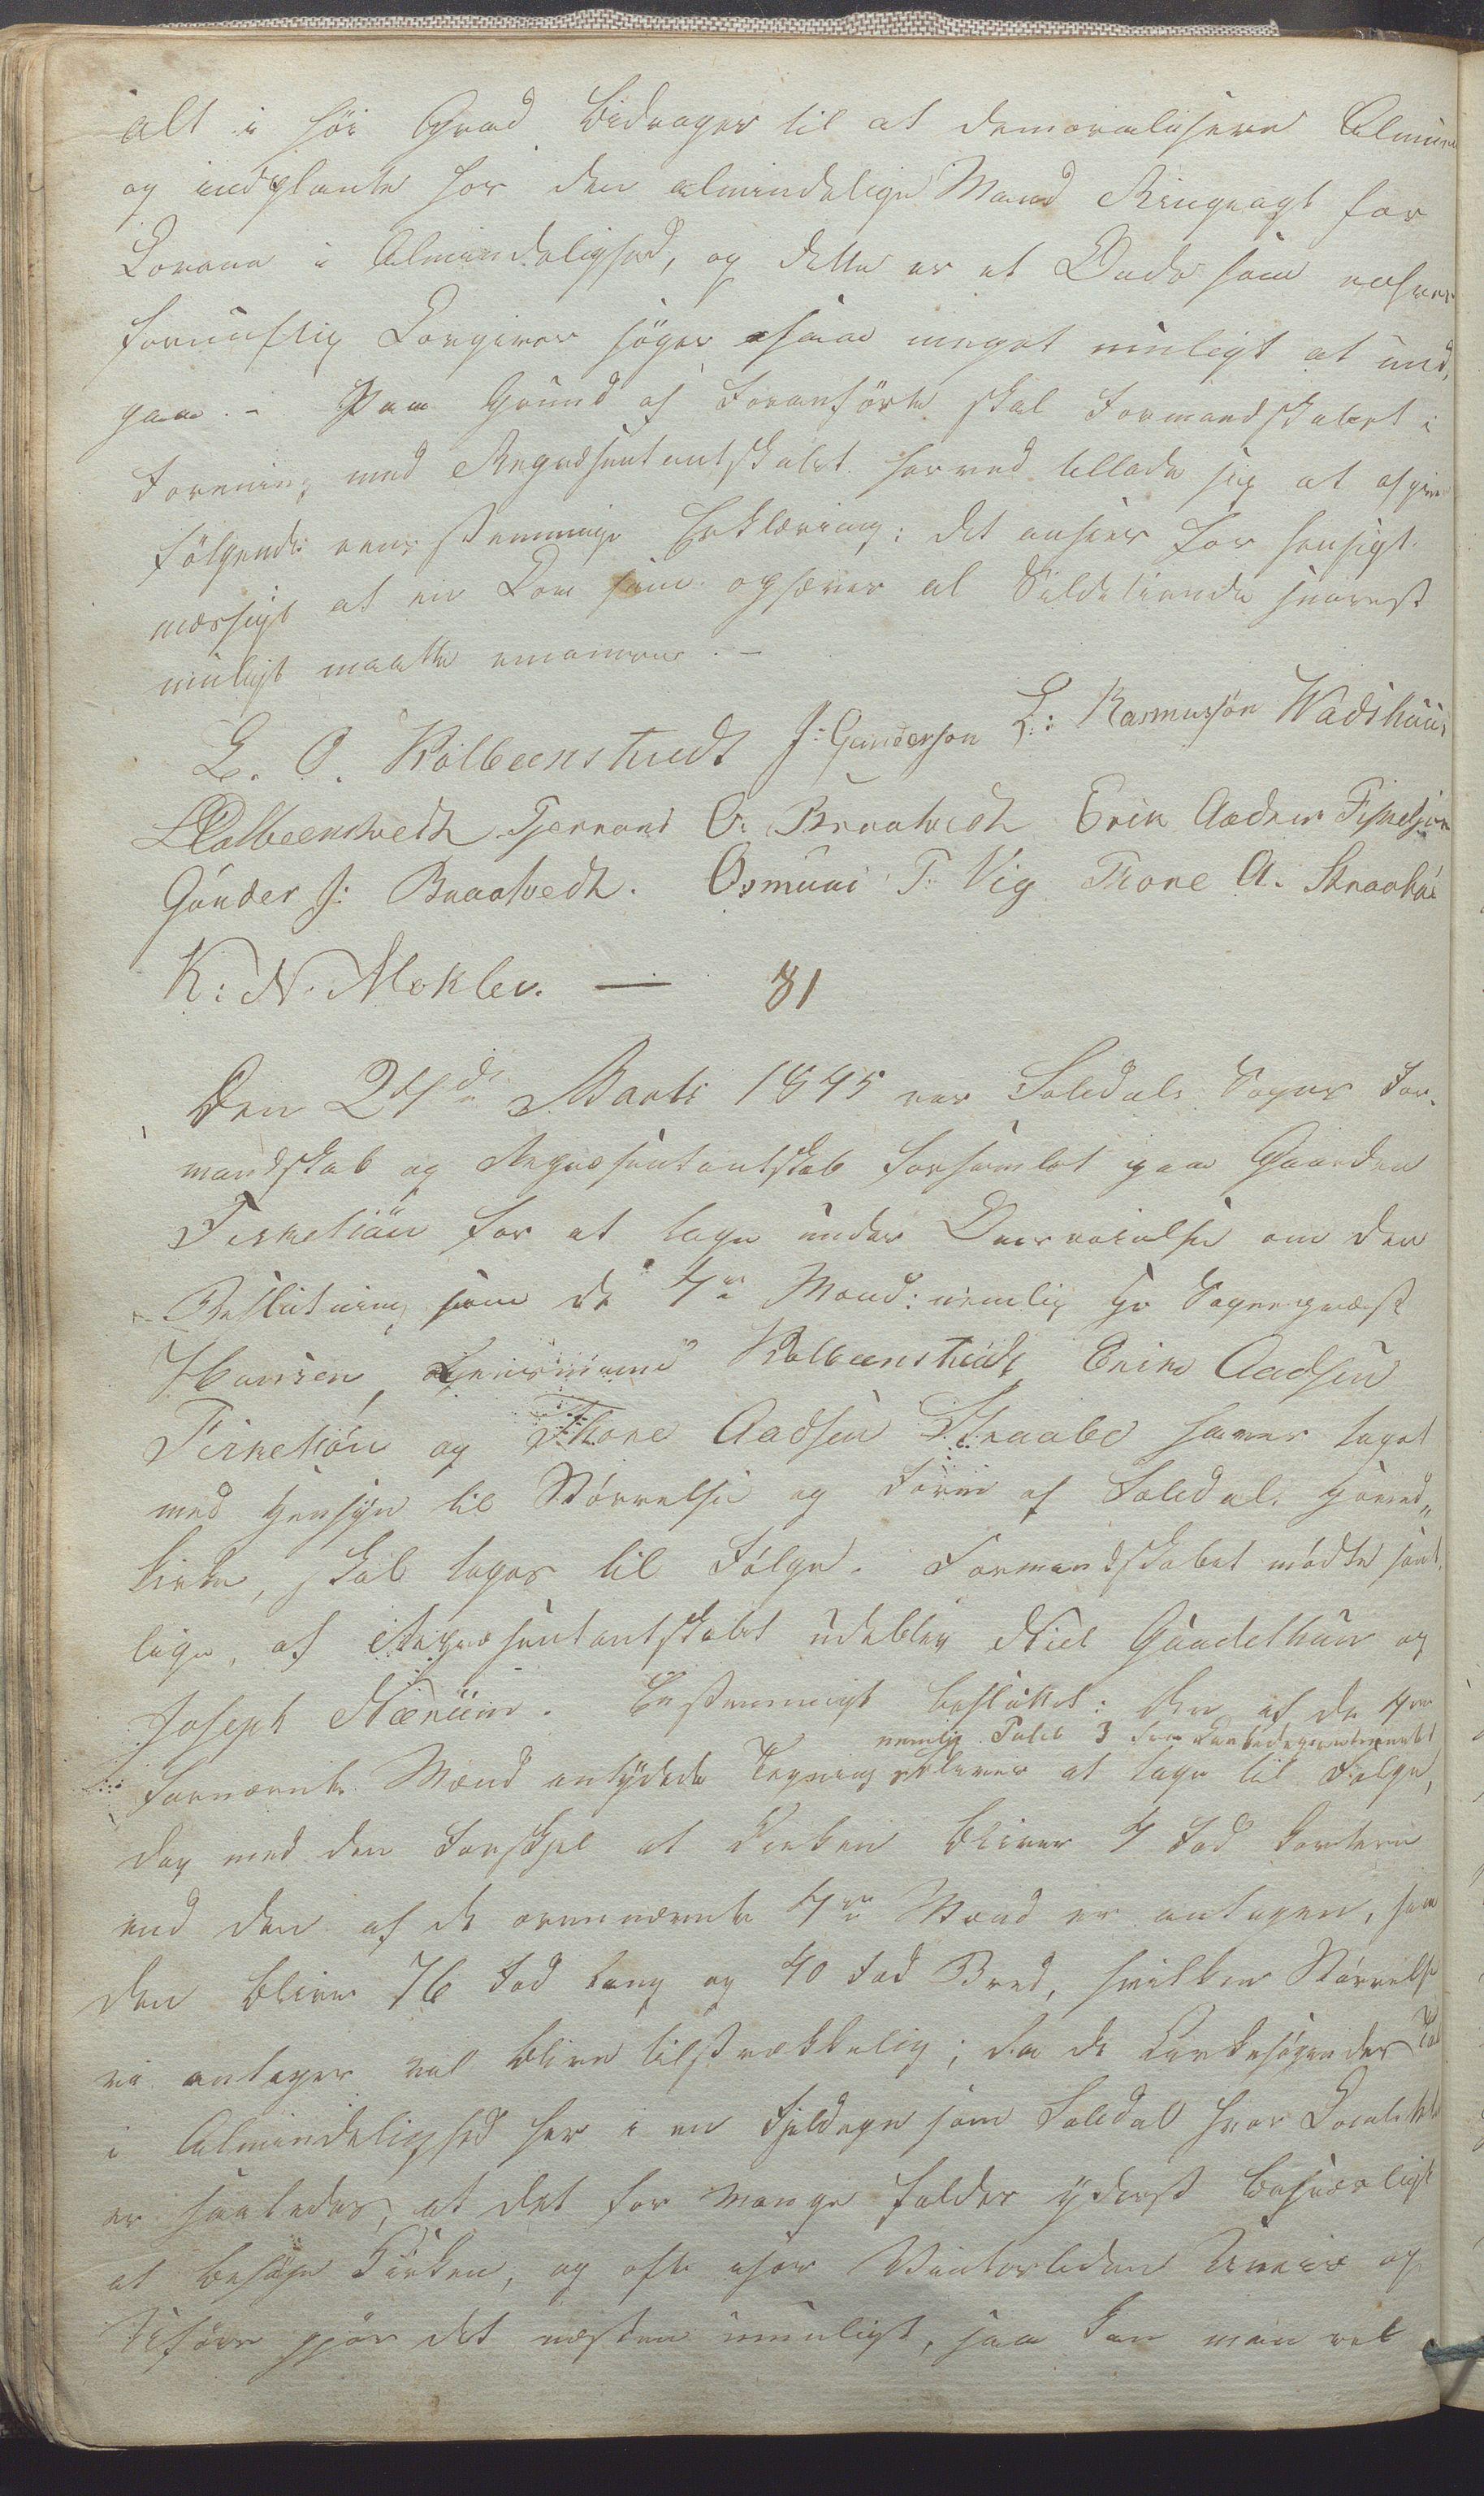 IKAR, Suldal kommune - Formannskapet/Rådmannen, A/Aa/L0001: Møtebok, 1837-1876, s. 60b